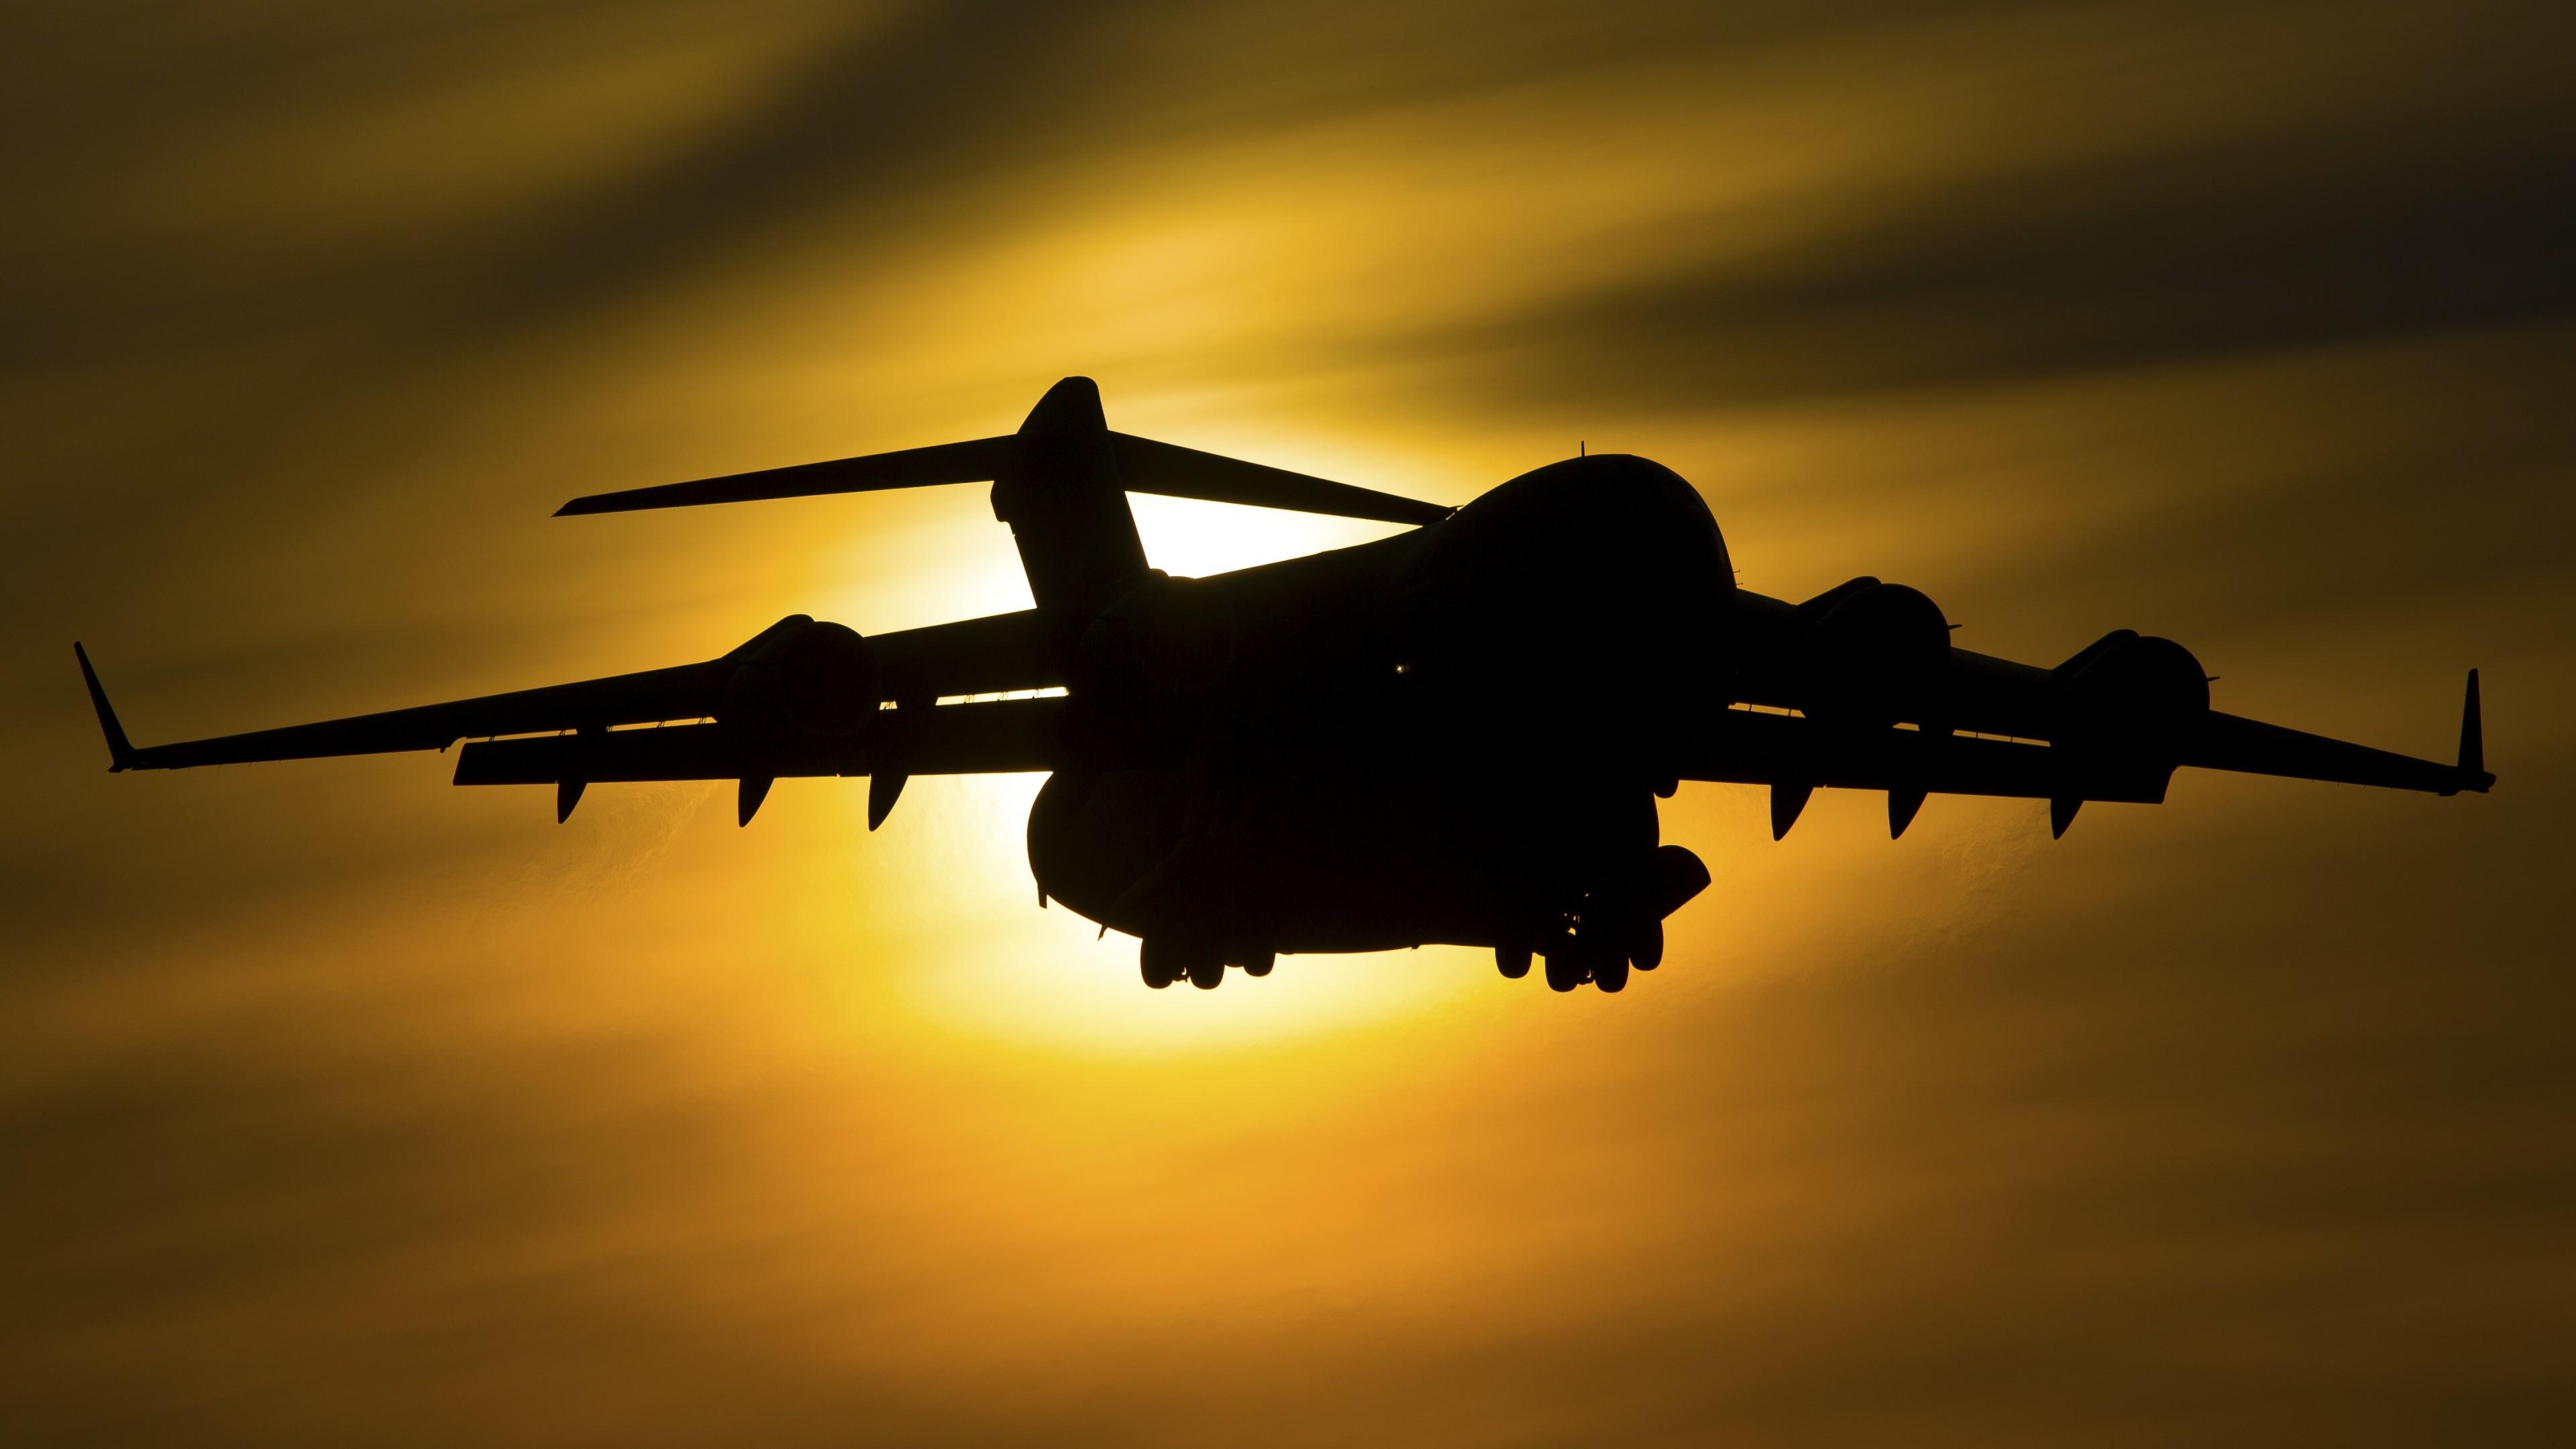 Самолет над облаками в золотых лучах солнца